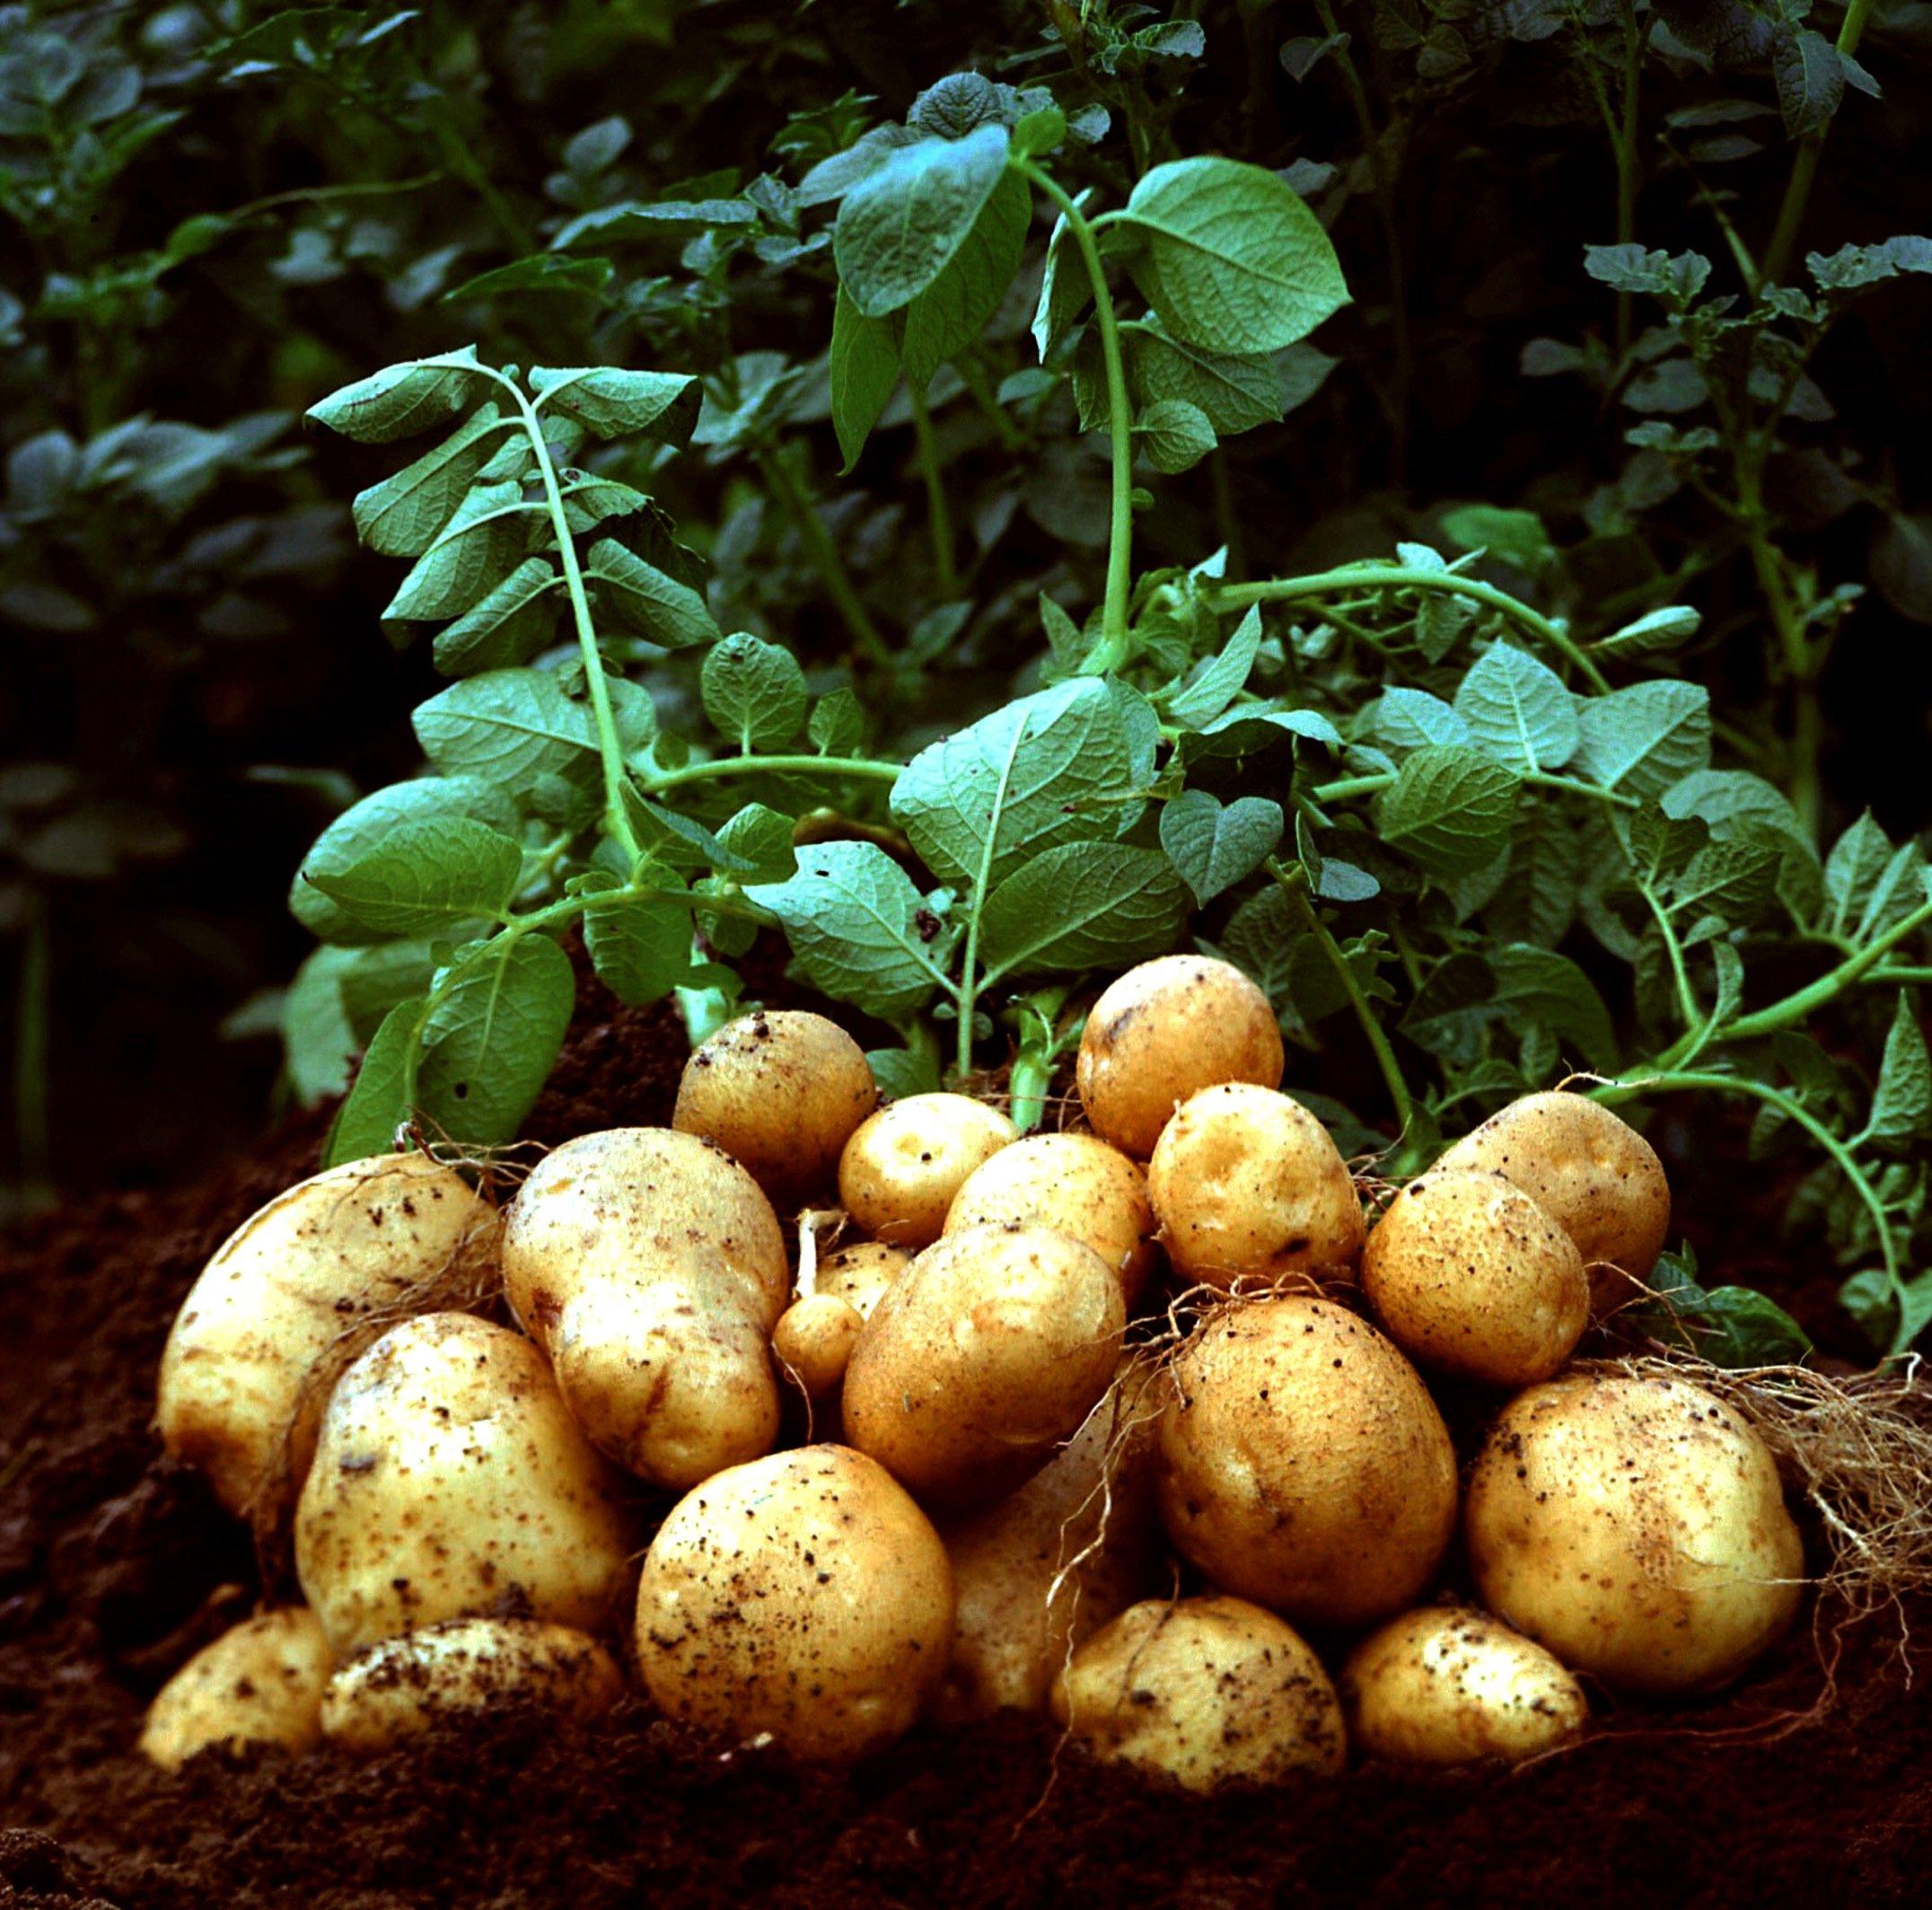 Картофель: фото и описание характеристик. строение и полезные свойства картофеля